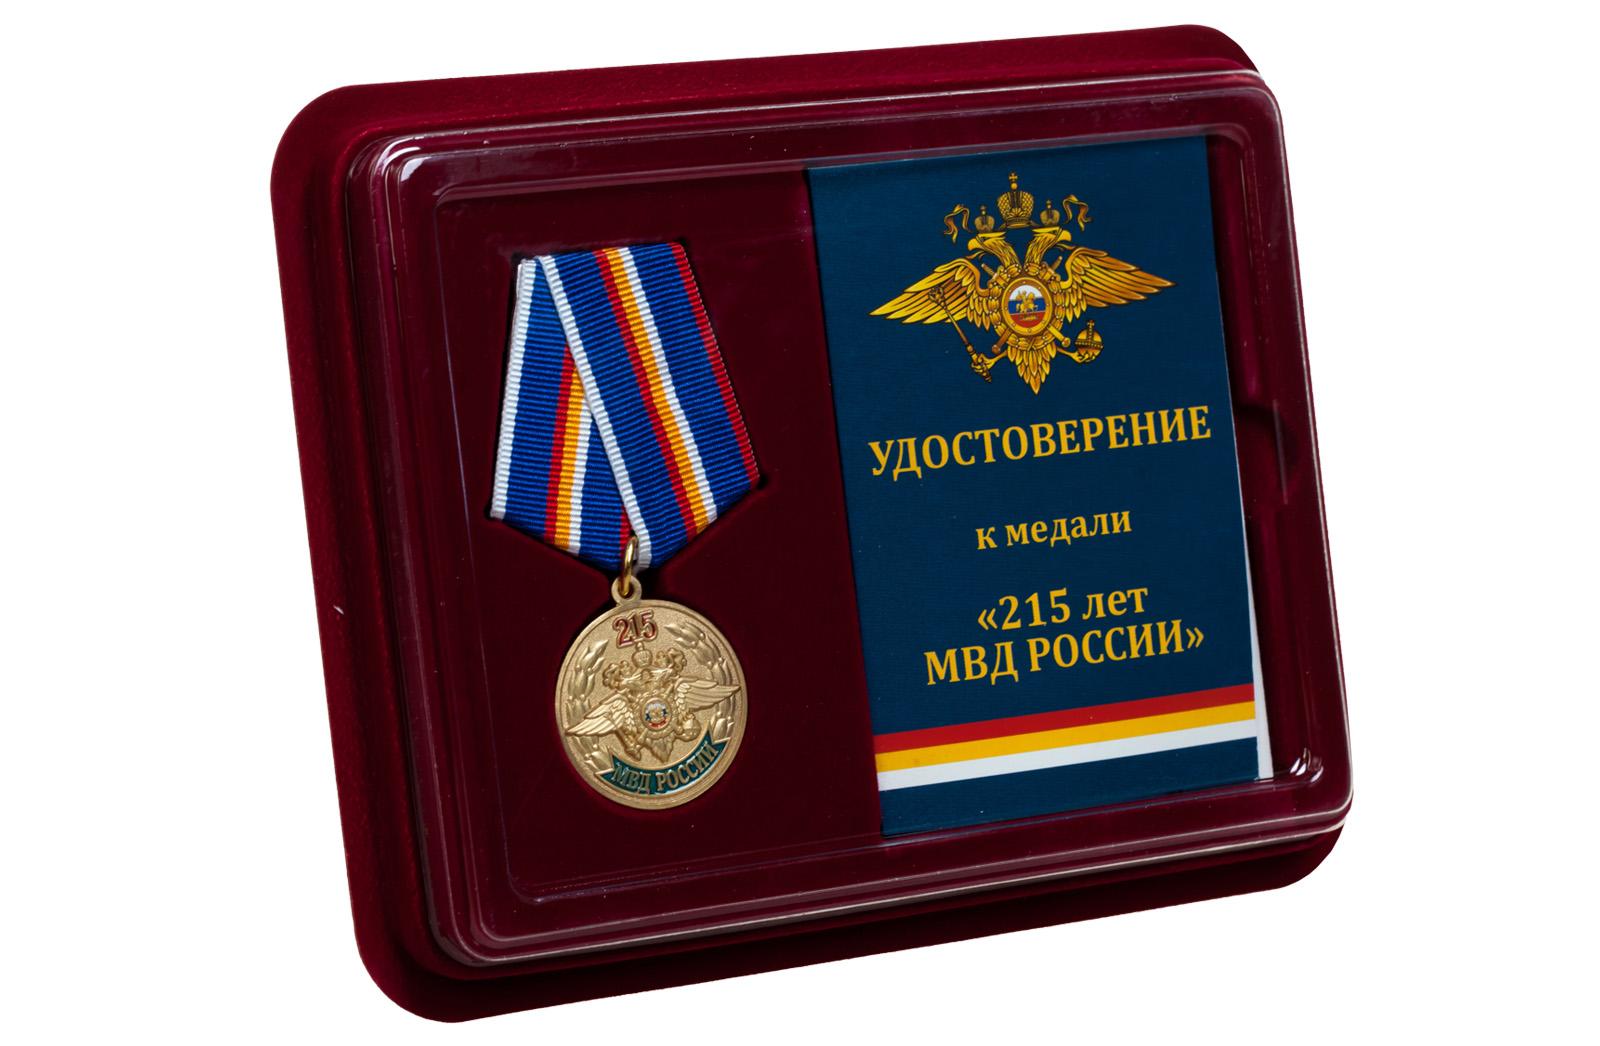 Купить памятная медаль 215 лет МВД России оптом или в розницу